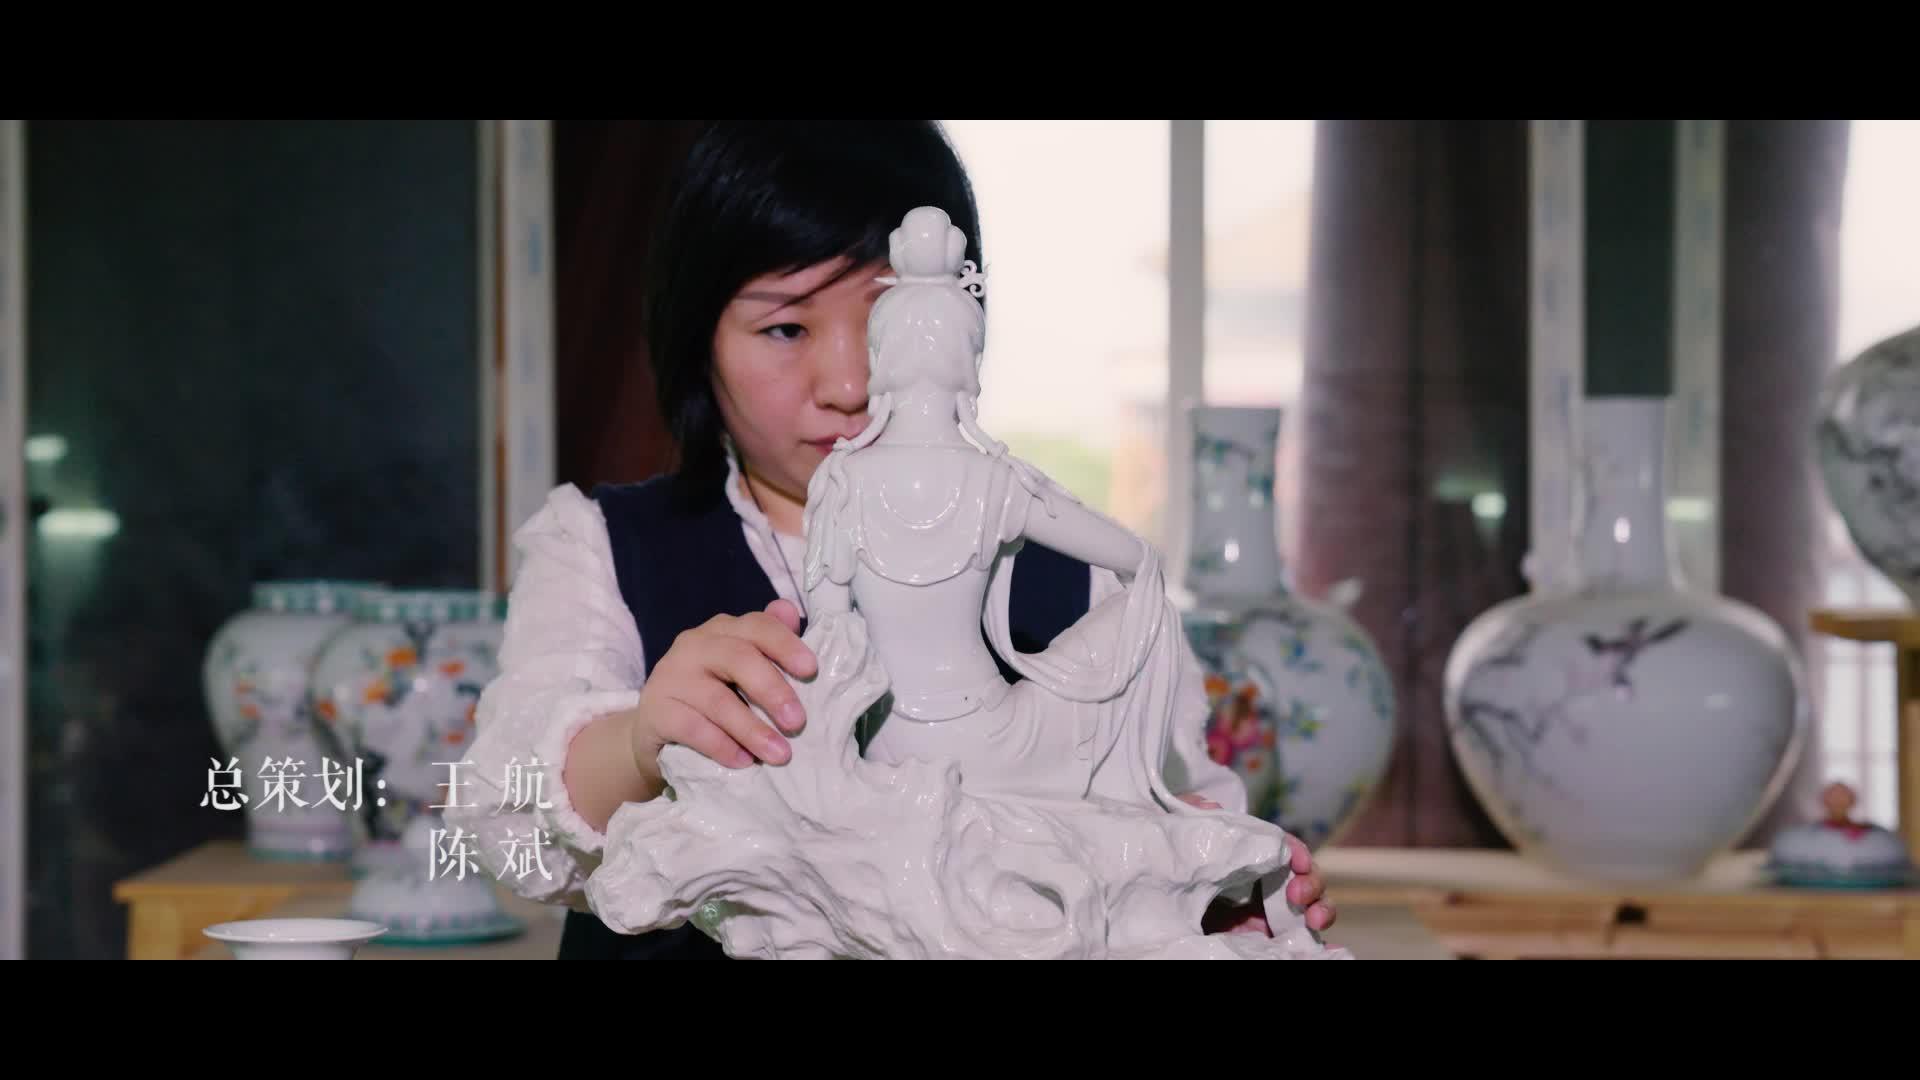 4k《守艺中国之景德镇篇》珐琅彩匠人覃淑琴:造一尊智慧与艺术并存的佛像